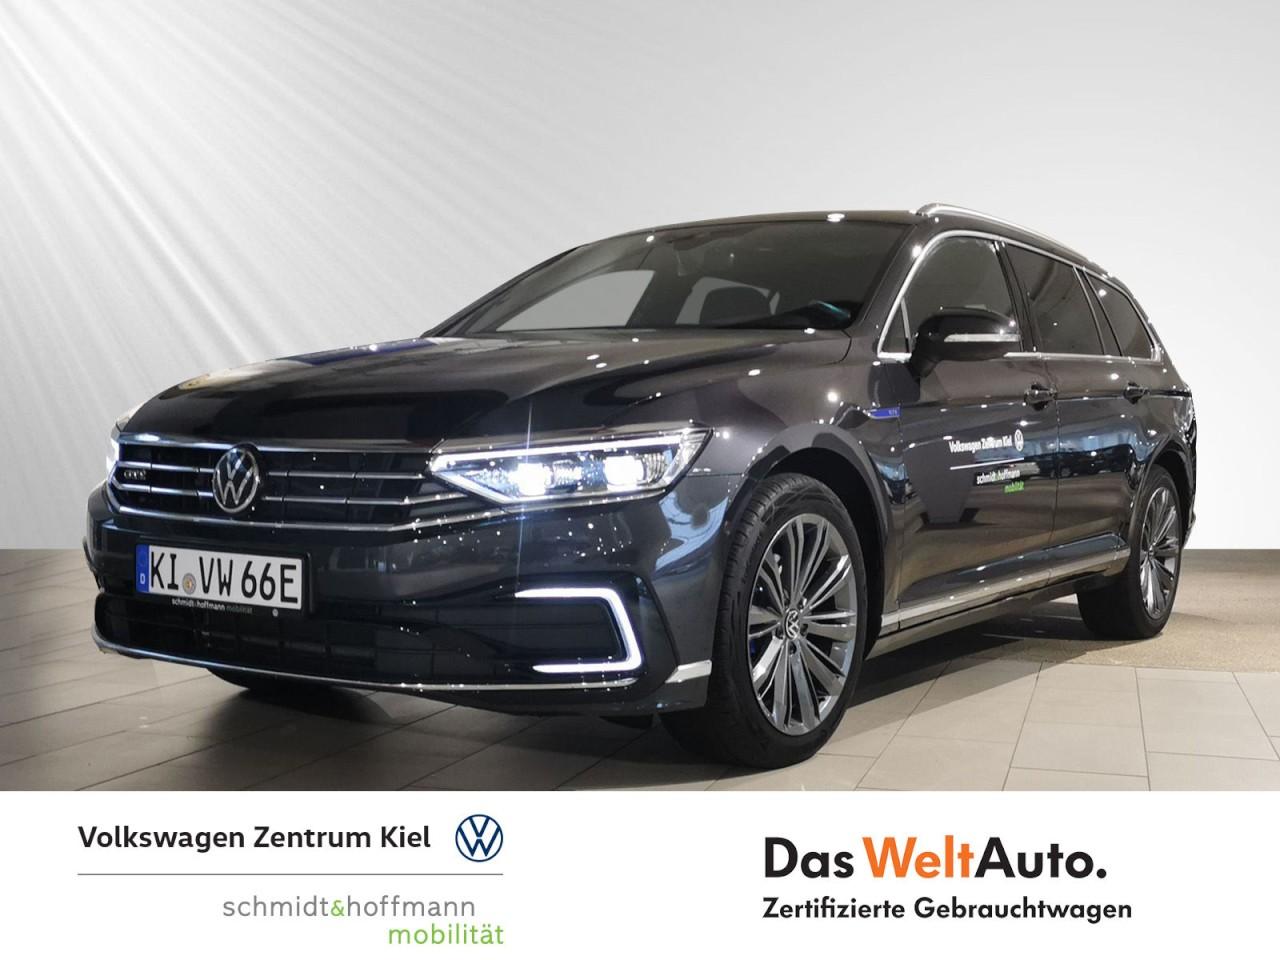 Volkswagen Passat GTE Variant 1.4 TSI DSG AHK LED Panorama, Jahr 2020, Hybrid